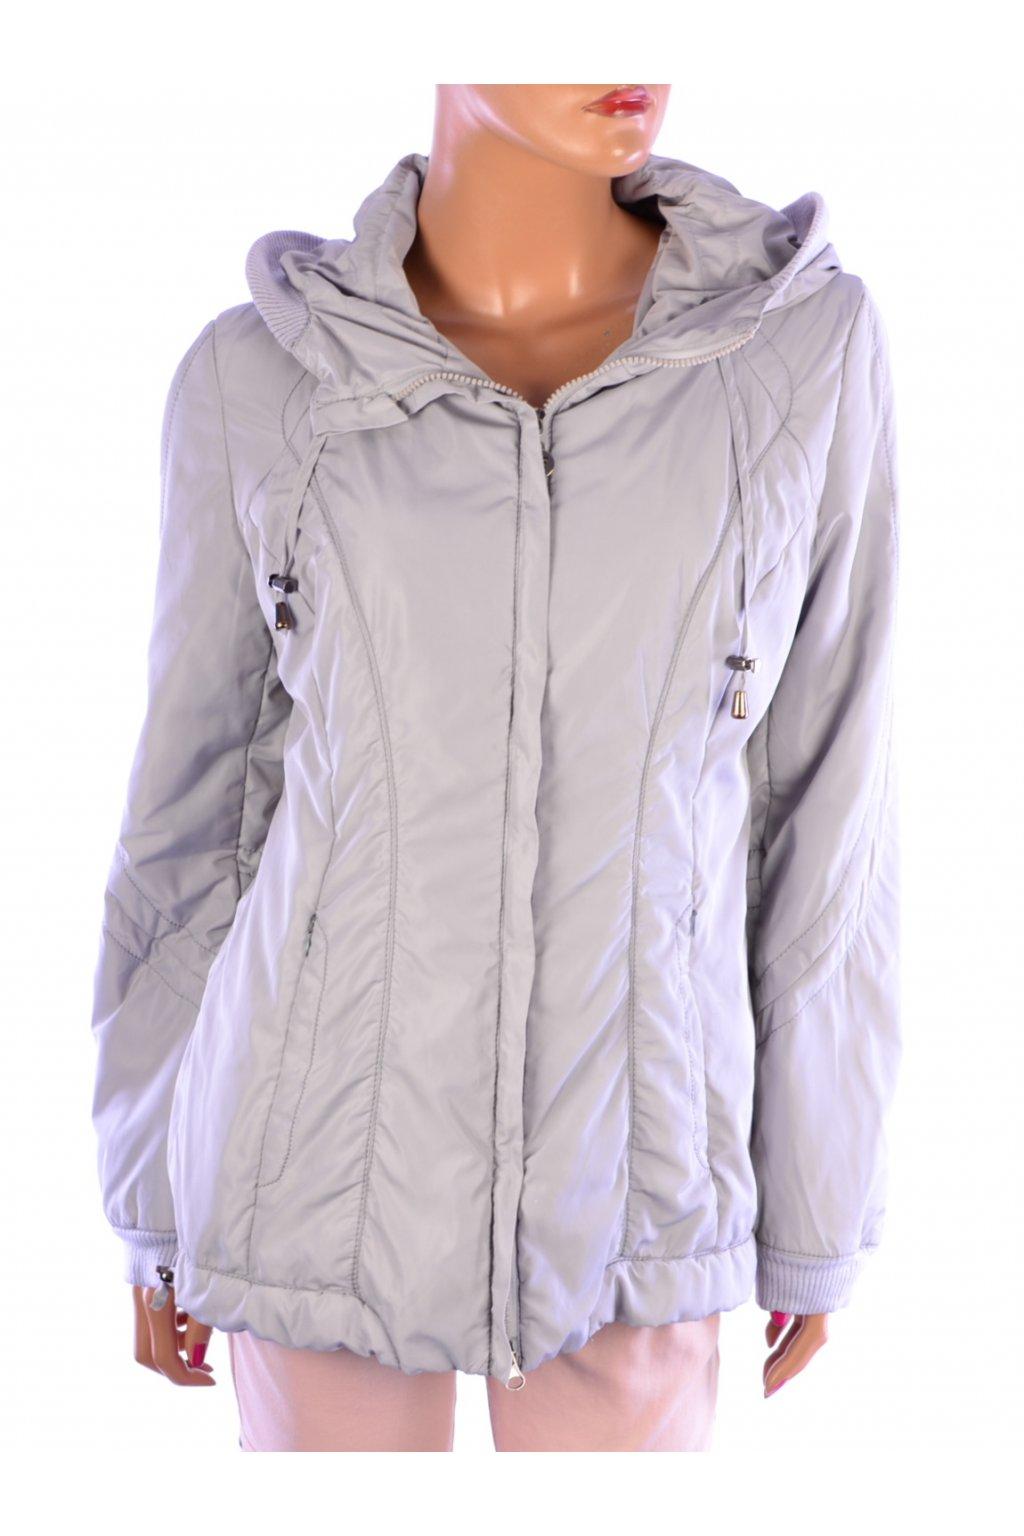 Bunda podzim zima Lab Fashion vel. 46 / M - L